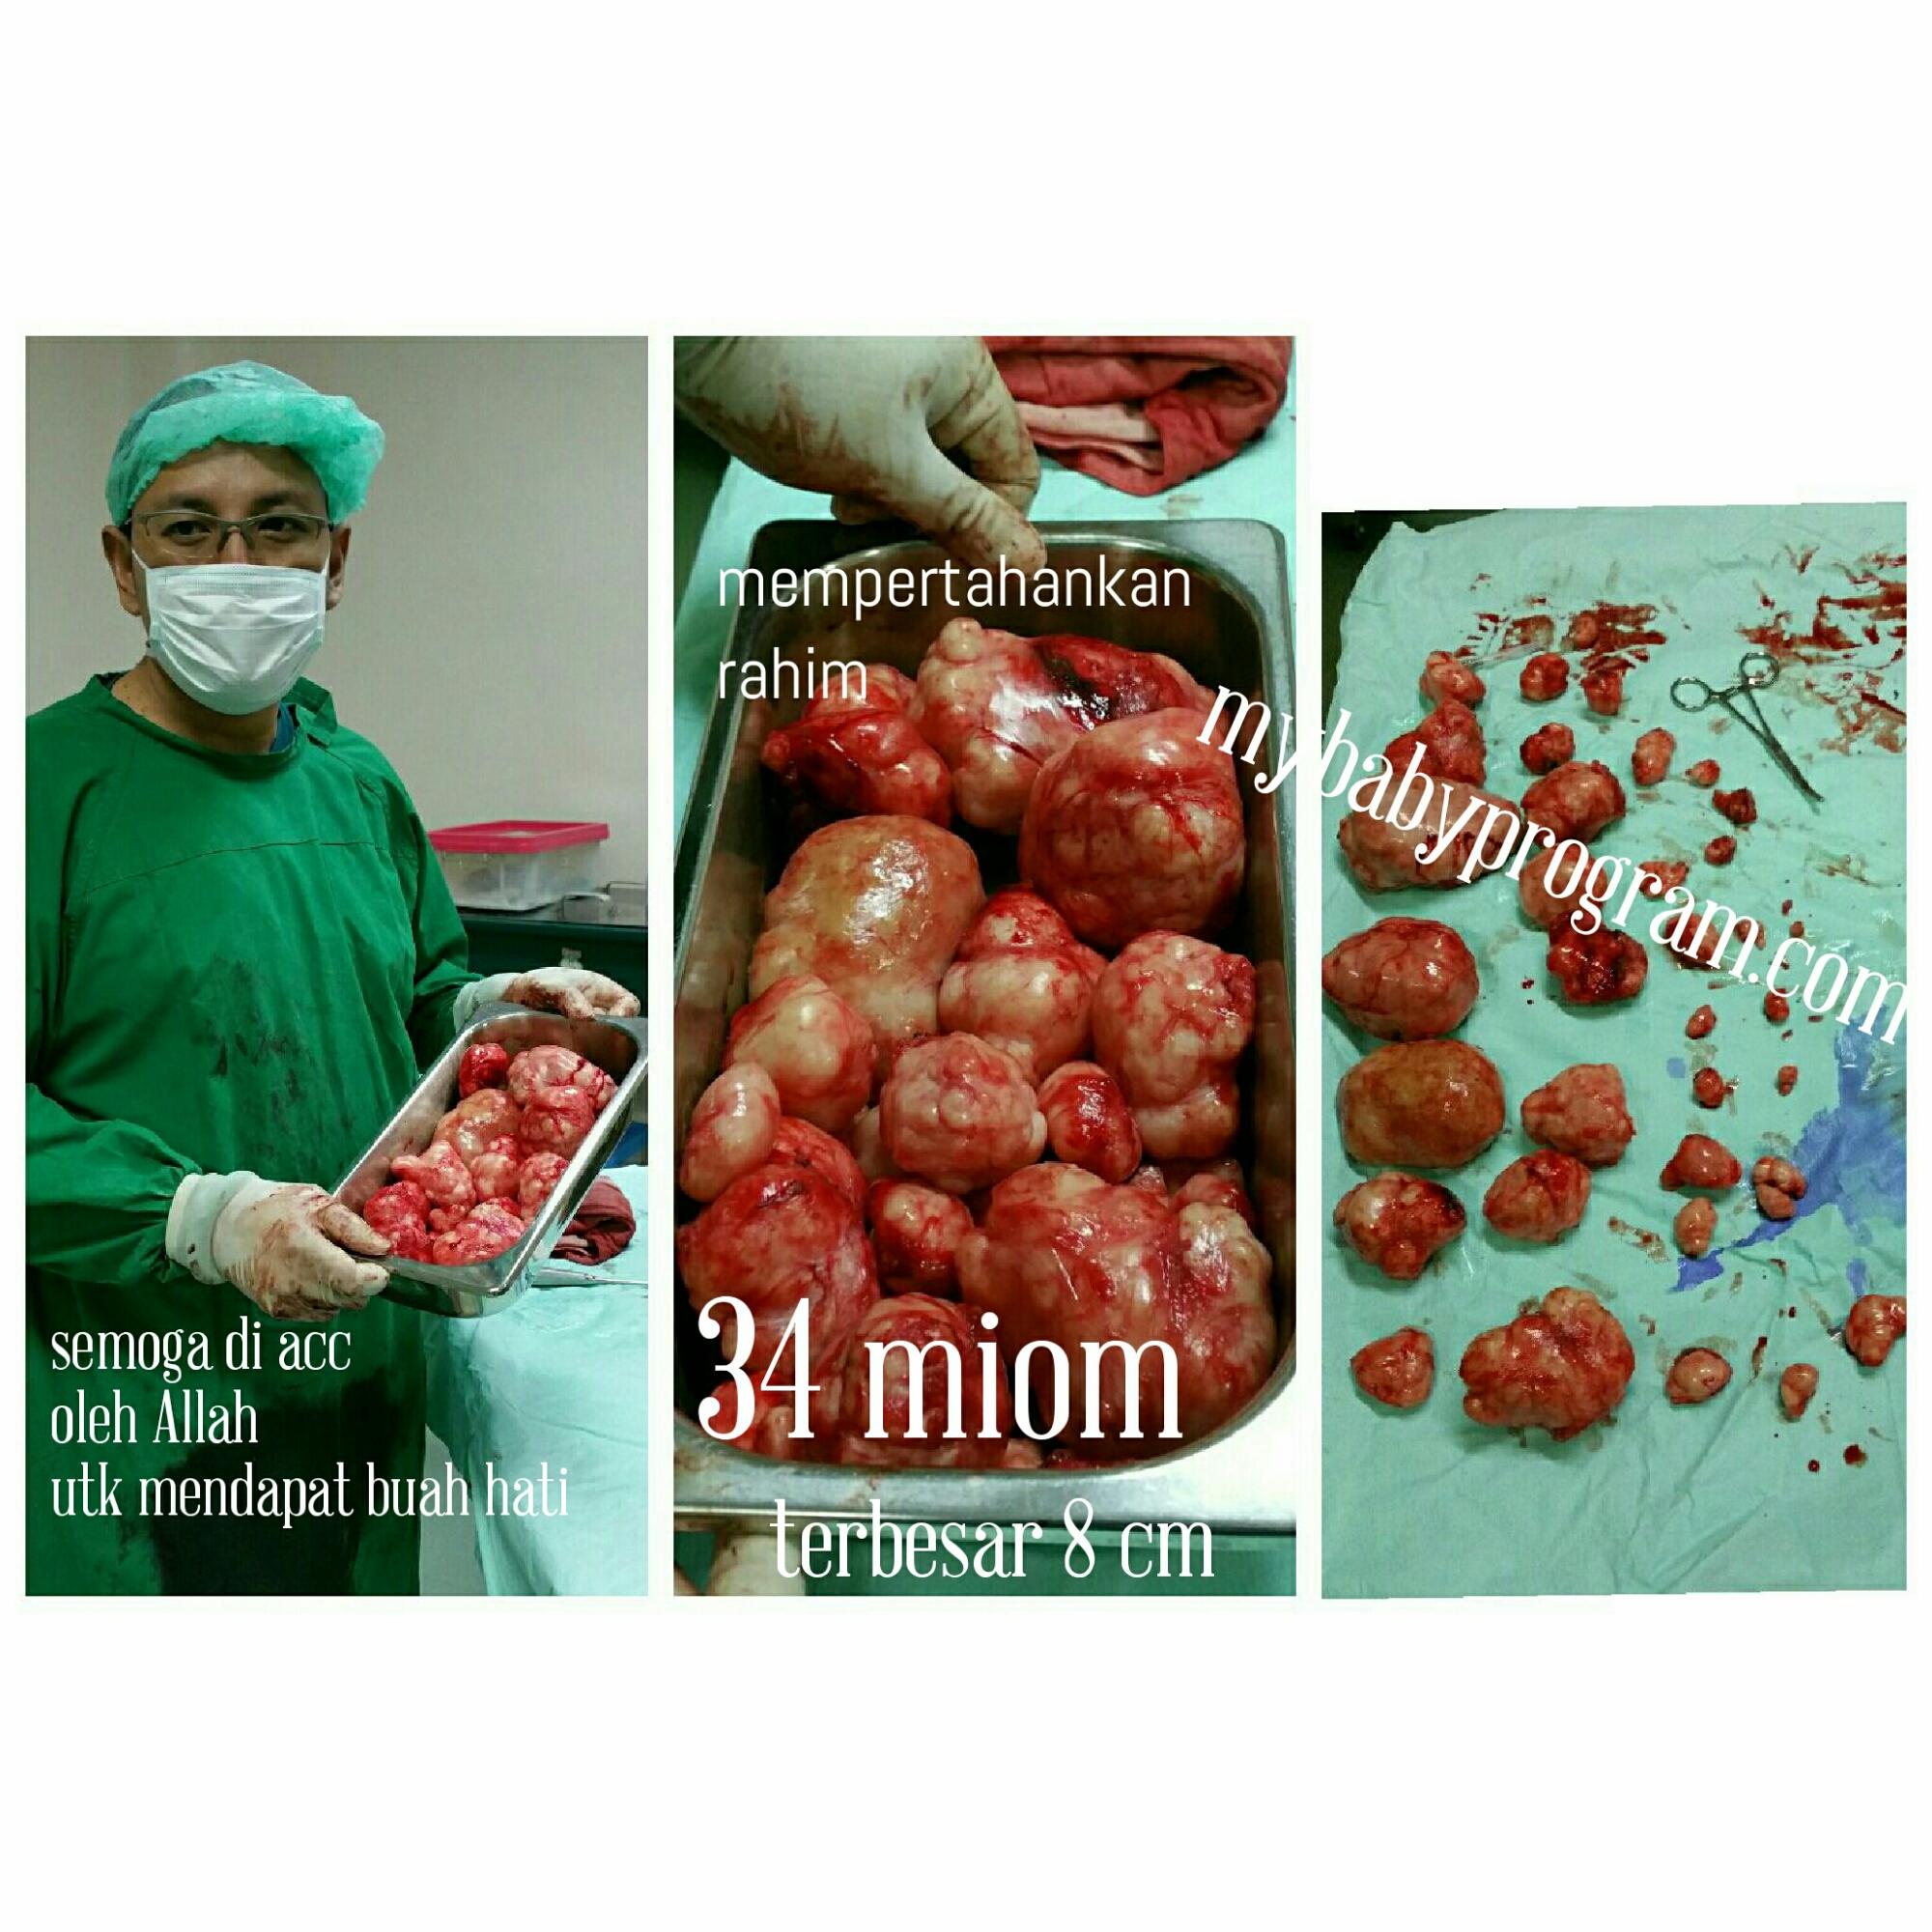 Menyingkirkan 34 Miom Dan Mempertahankan Rahim Sebagai Ikhtiar Mendapat Buah Hati Dr Suryo Spog Kesehatan Reproduksi